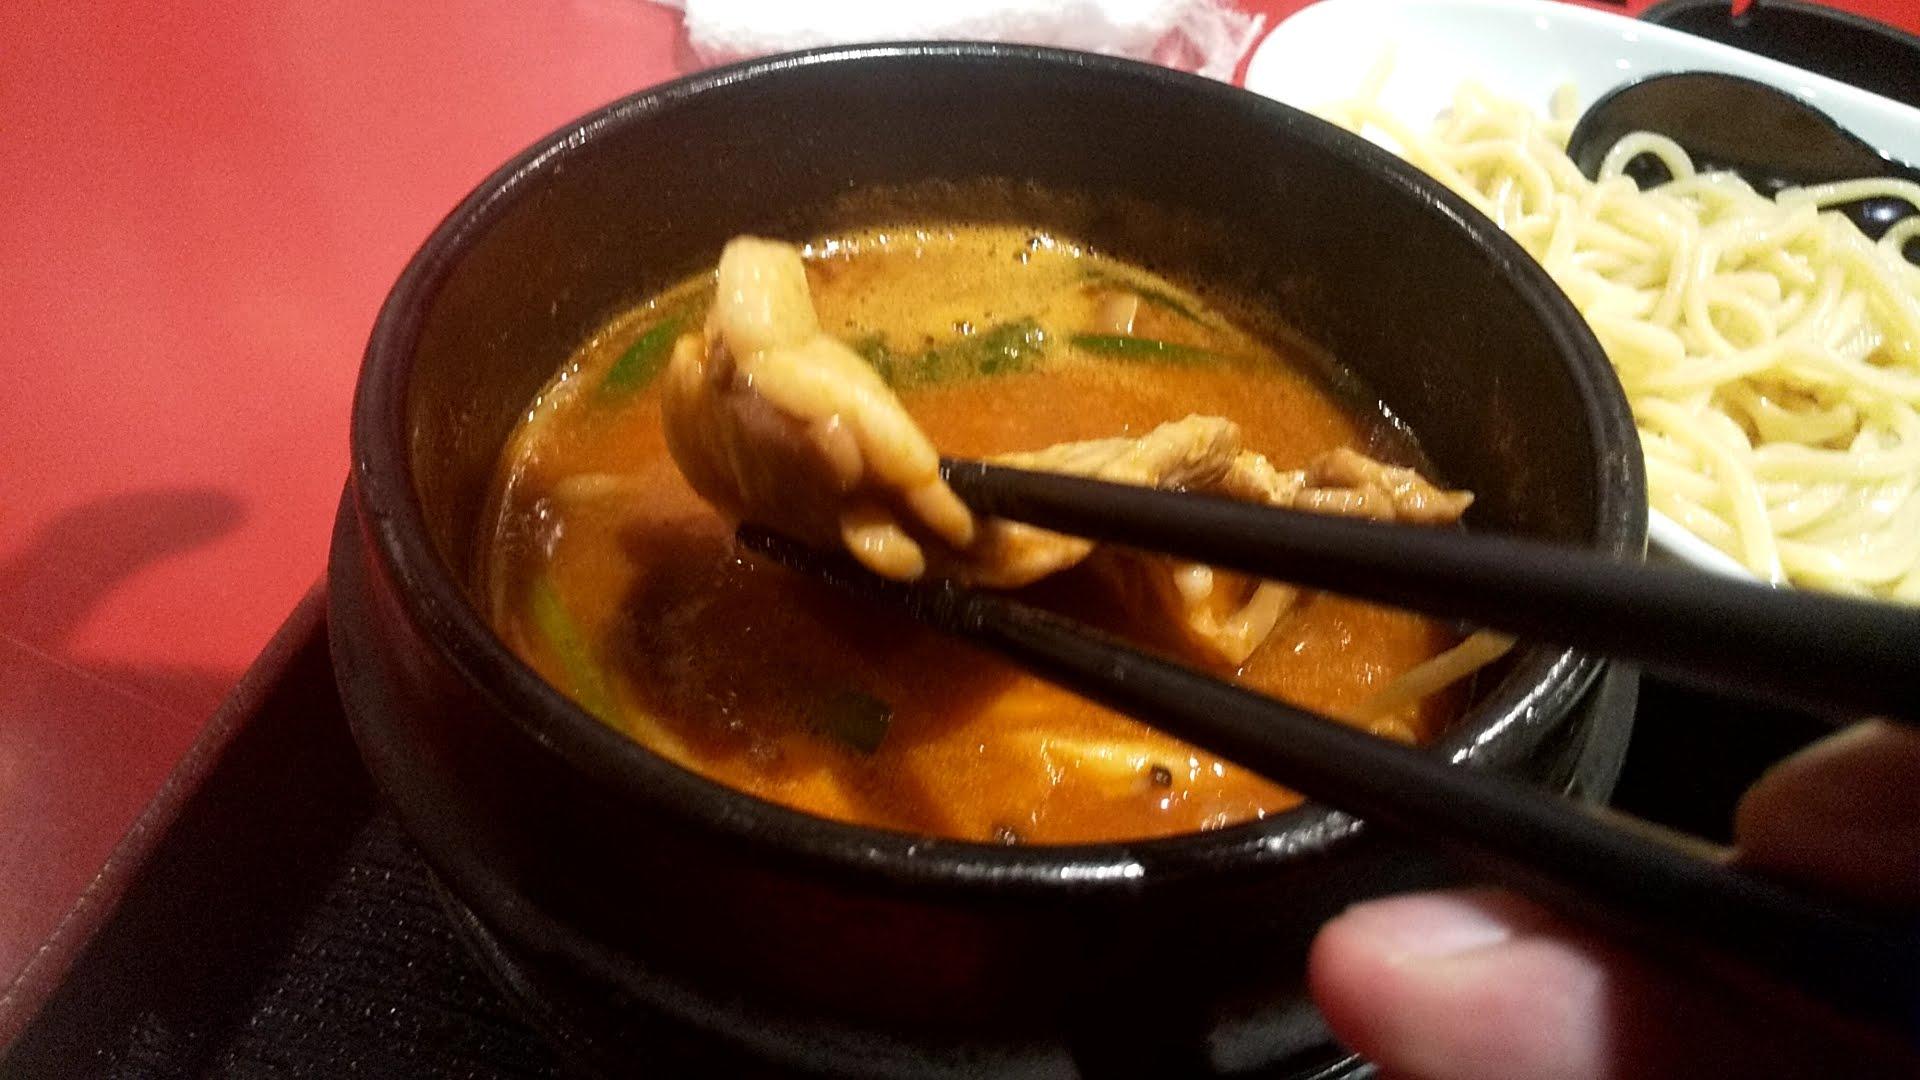 浅草製麺所の石焼チゲつけ麺の豚バラ